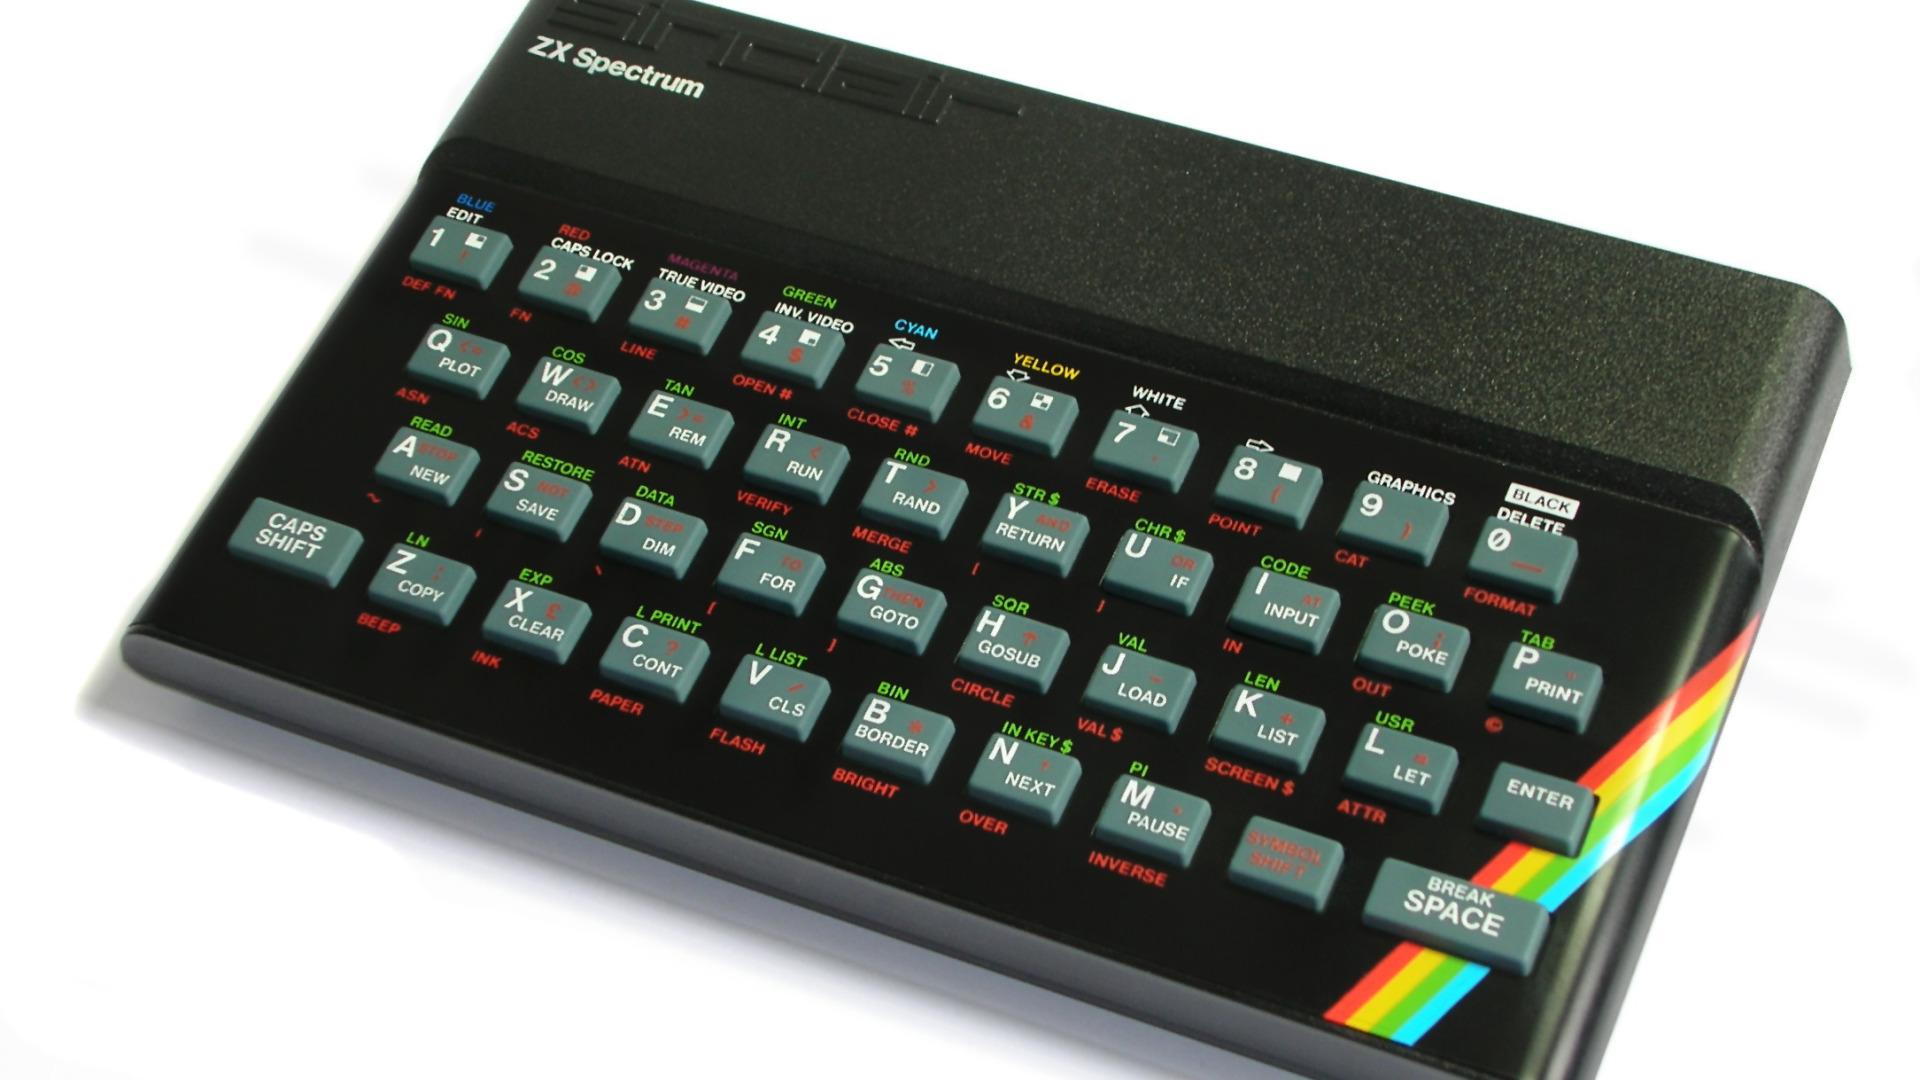 Entwickler, Tod, Erfinder, ZX Spectrum, Clive Marles Sinclair, Zx